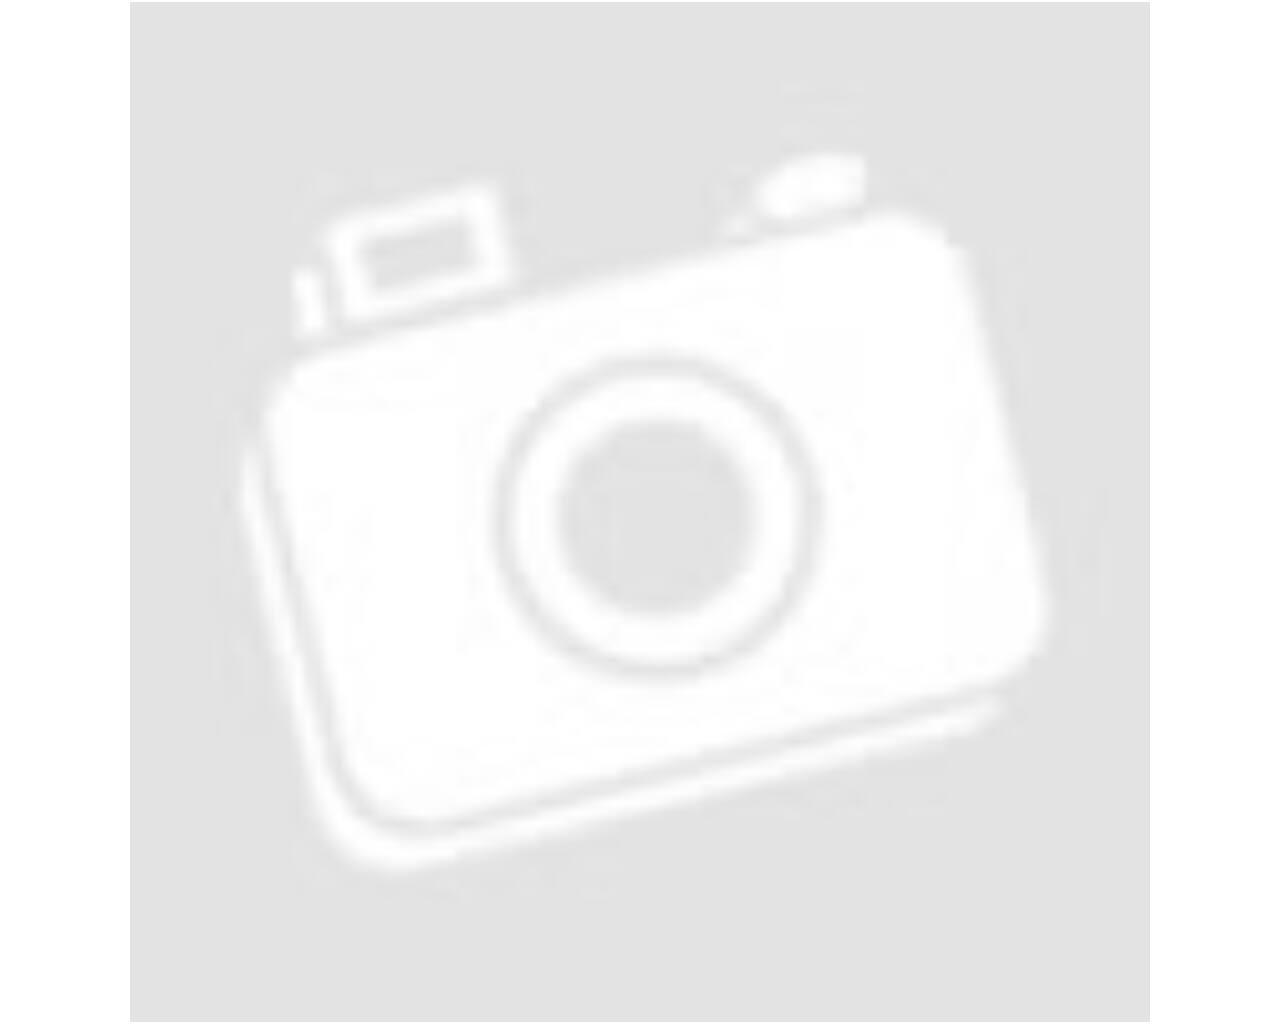 szürke sötétítő függöny, 100% poliészter, 135 cm x 245 cm